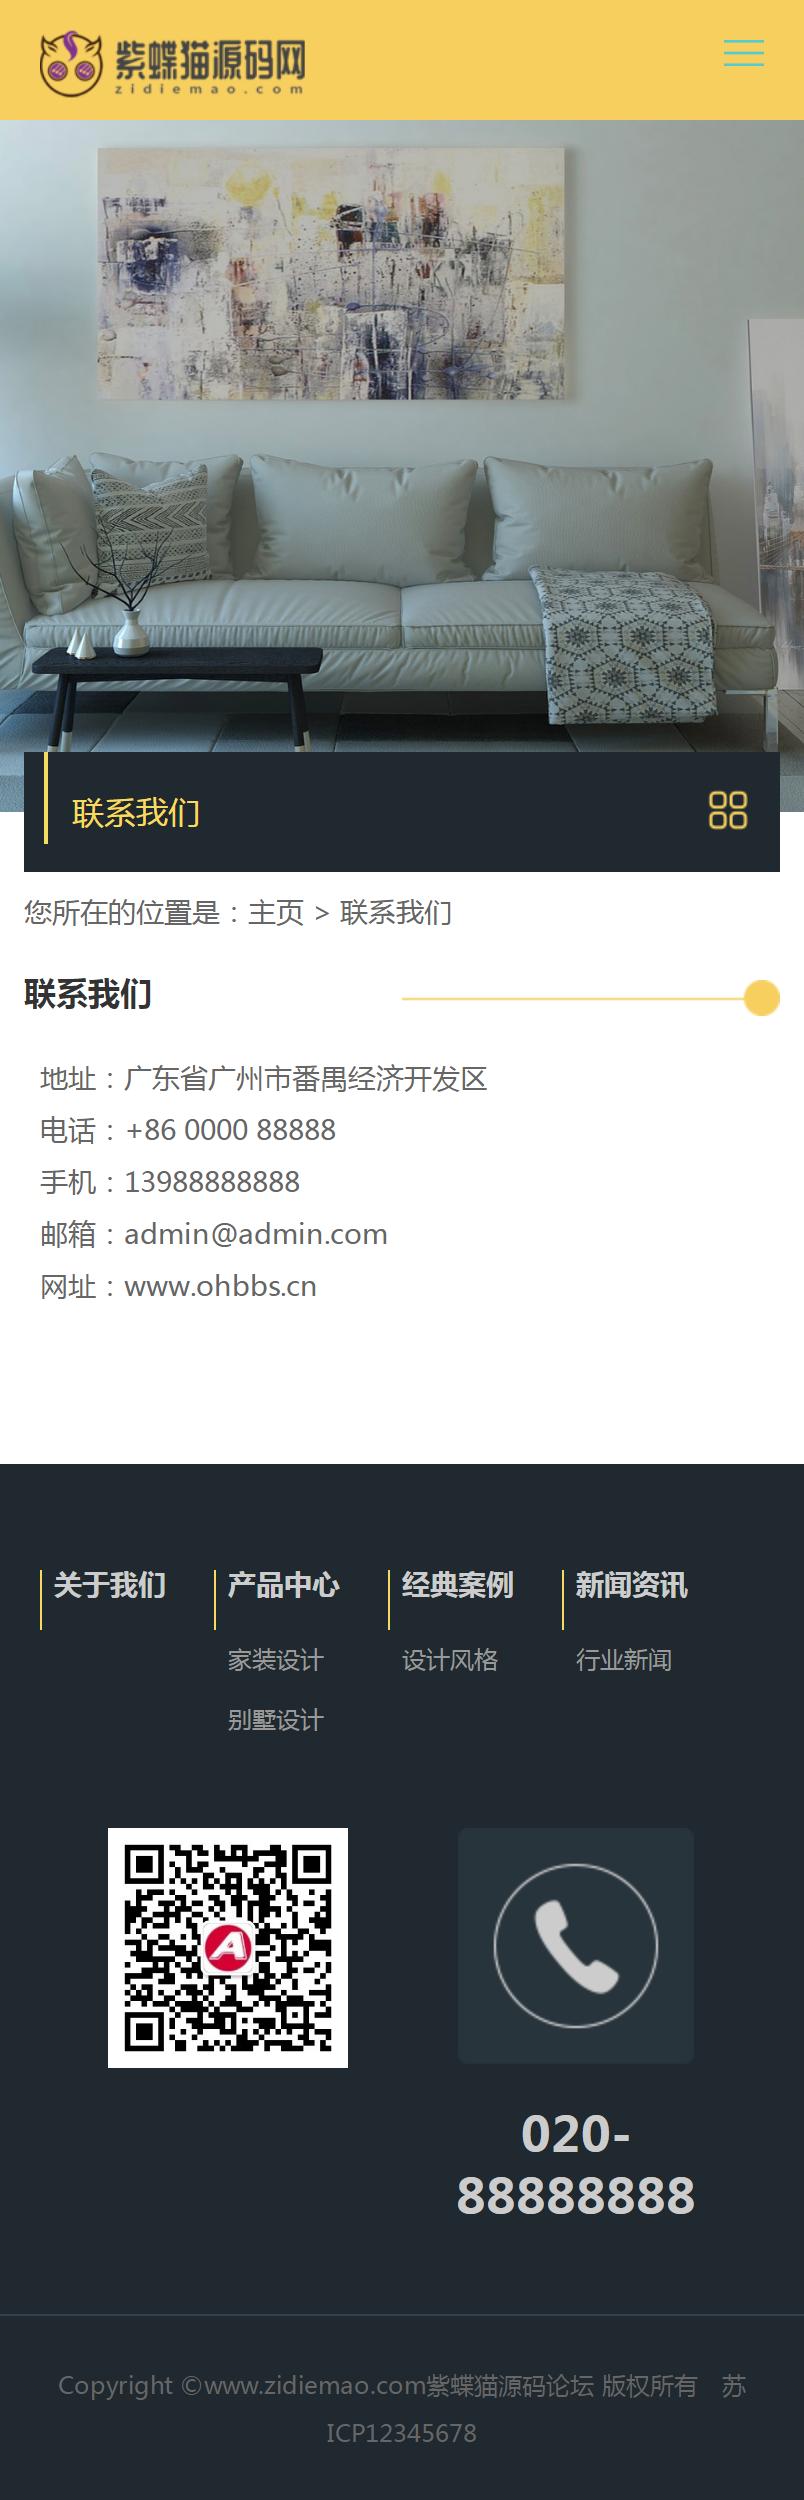 装修公司网站模板